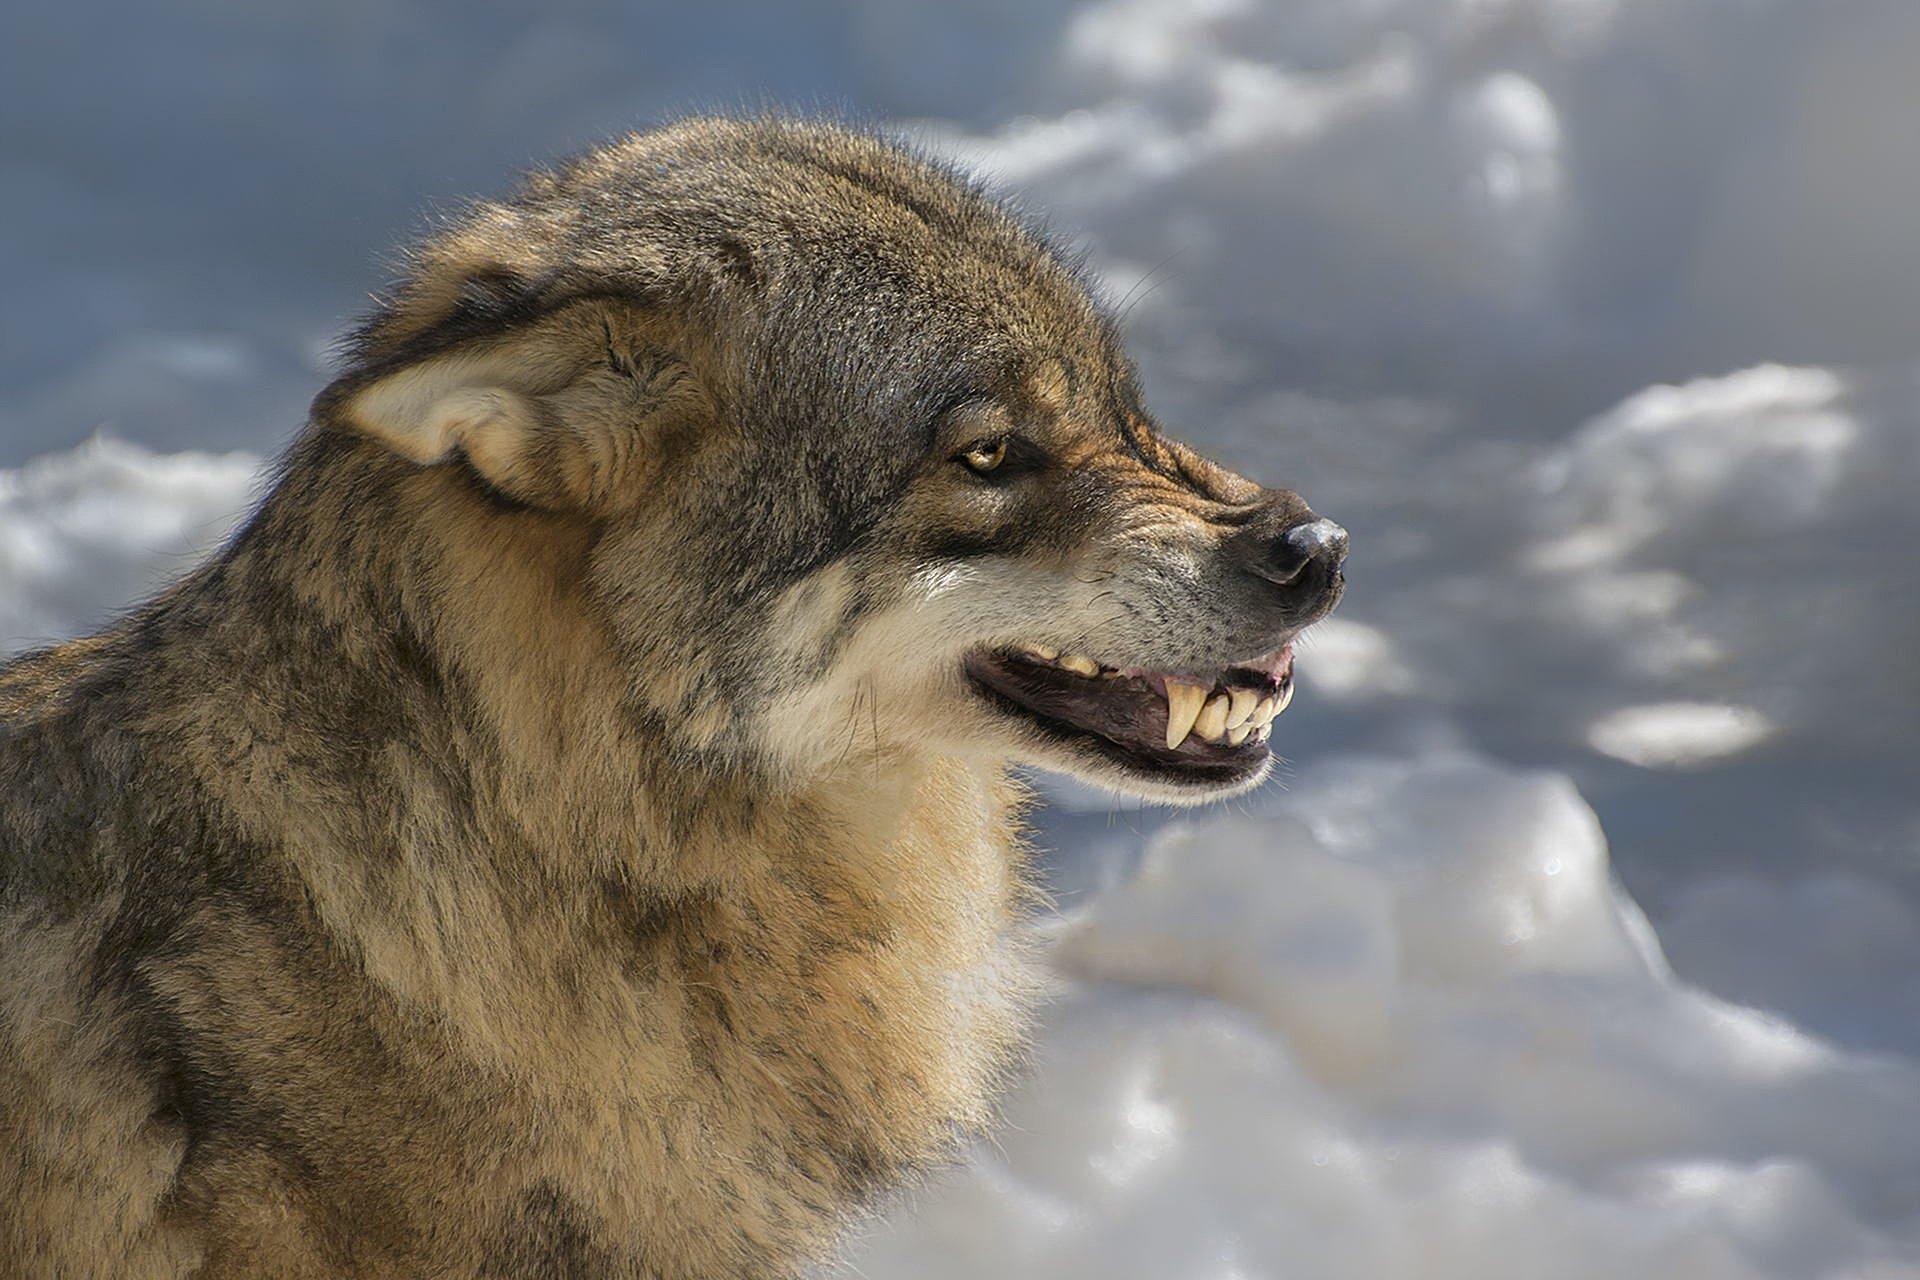 волк зве�� о�кал hd обои для но��б�ка